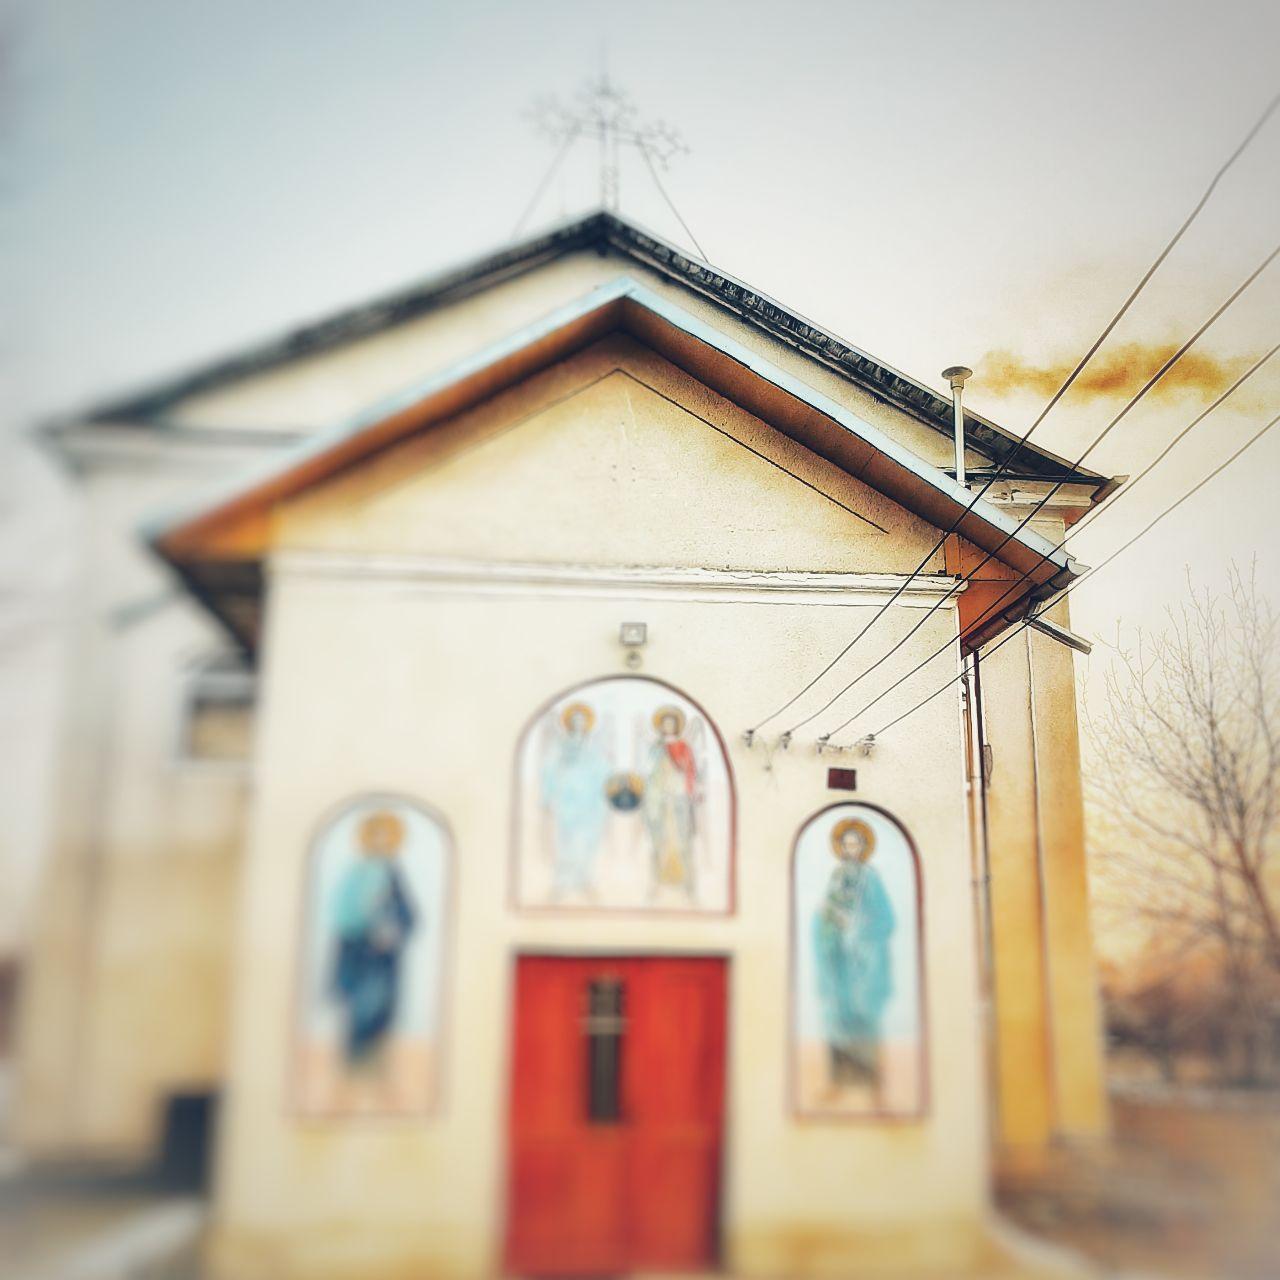 Credință și iubire dăruitoare